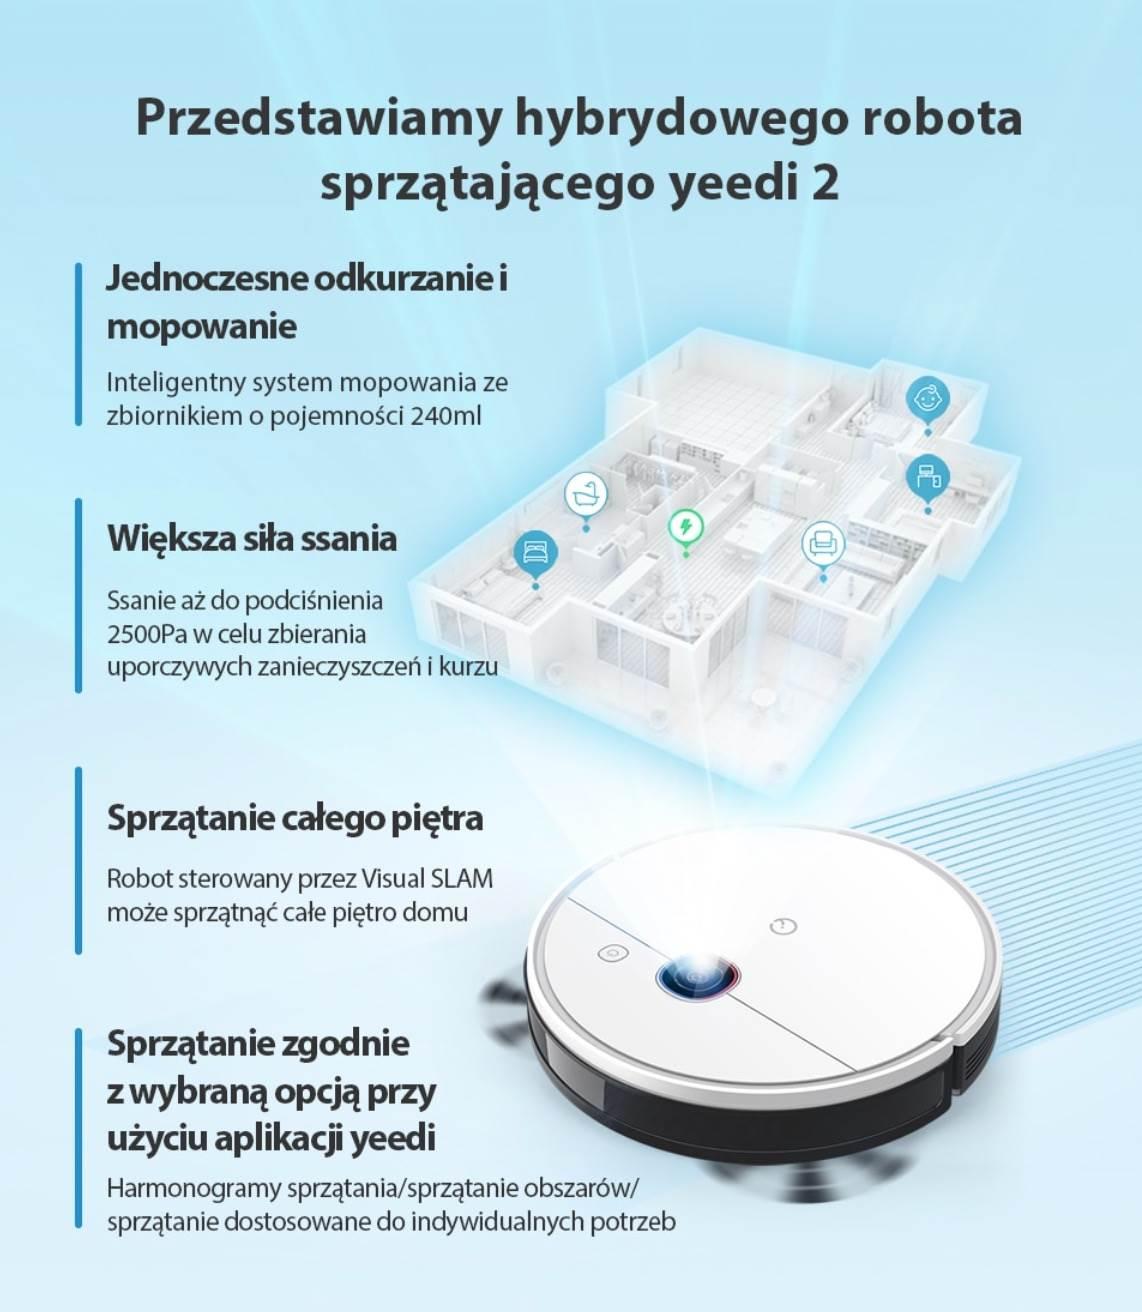 Najnowszy robot sprzątający yeedi 2 hybrid z funkcją mapowania już w sprzedaży polecane, ciekawostki yeedi 2 hybrid, yeedi, robot sprzątający, Promocja, odkurzacz, cena  Autonomiczne roboty sprzątające na dobre zagościły w naszych domach. Jeszcze do niedawna wysoka cena tych urządzeń i słabość rozwiązań technicznych sprawiały, że był to ciekawy gadżet dla fanów nowych technologii, ale nie koniecznie sprzęt codziennego użytku. yeedi2